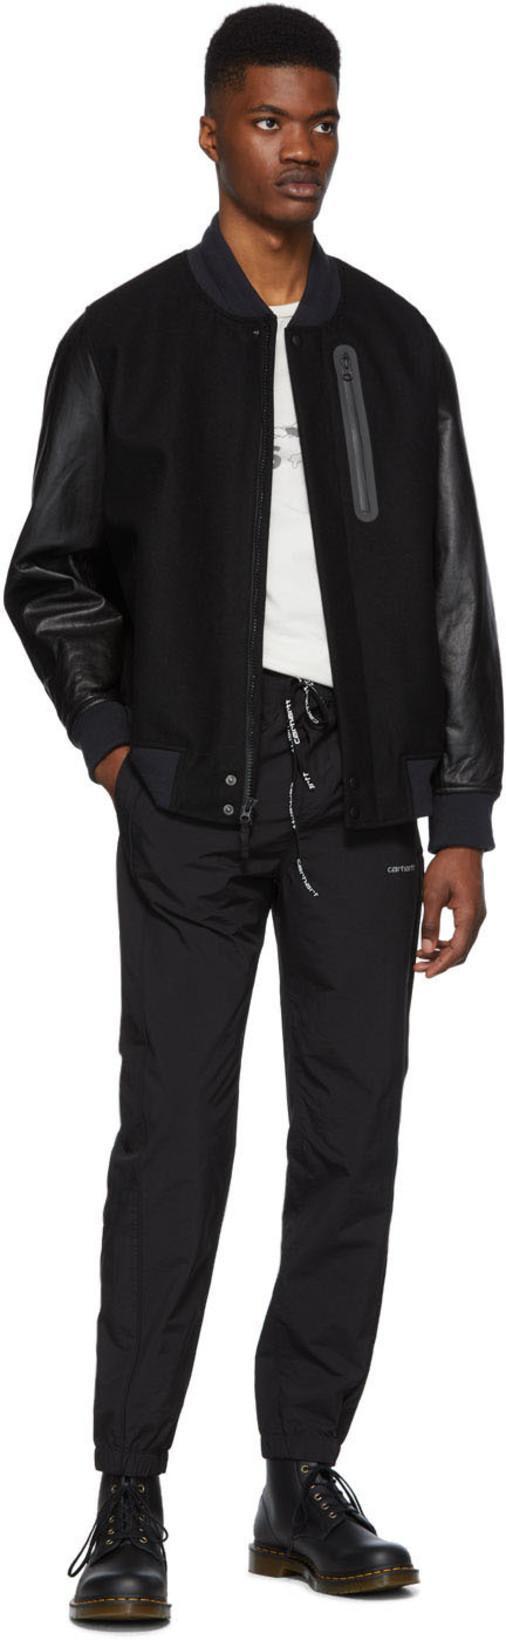 054fd5a5885 CARHARTT Carhartt Work In Progress Black Casper Lounge Pants in 89 Black